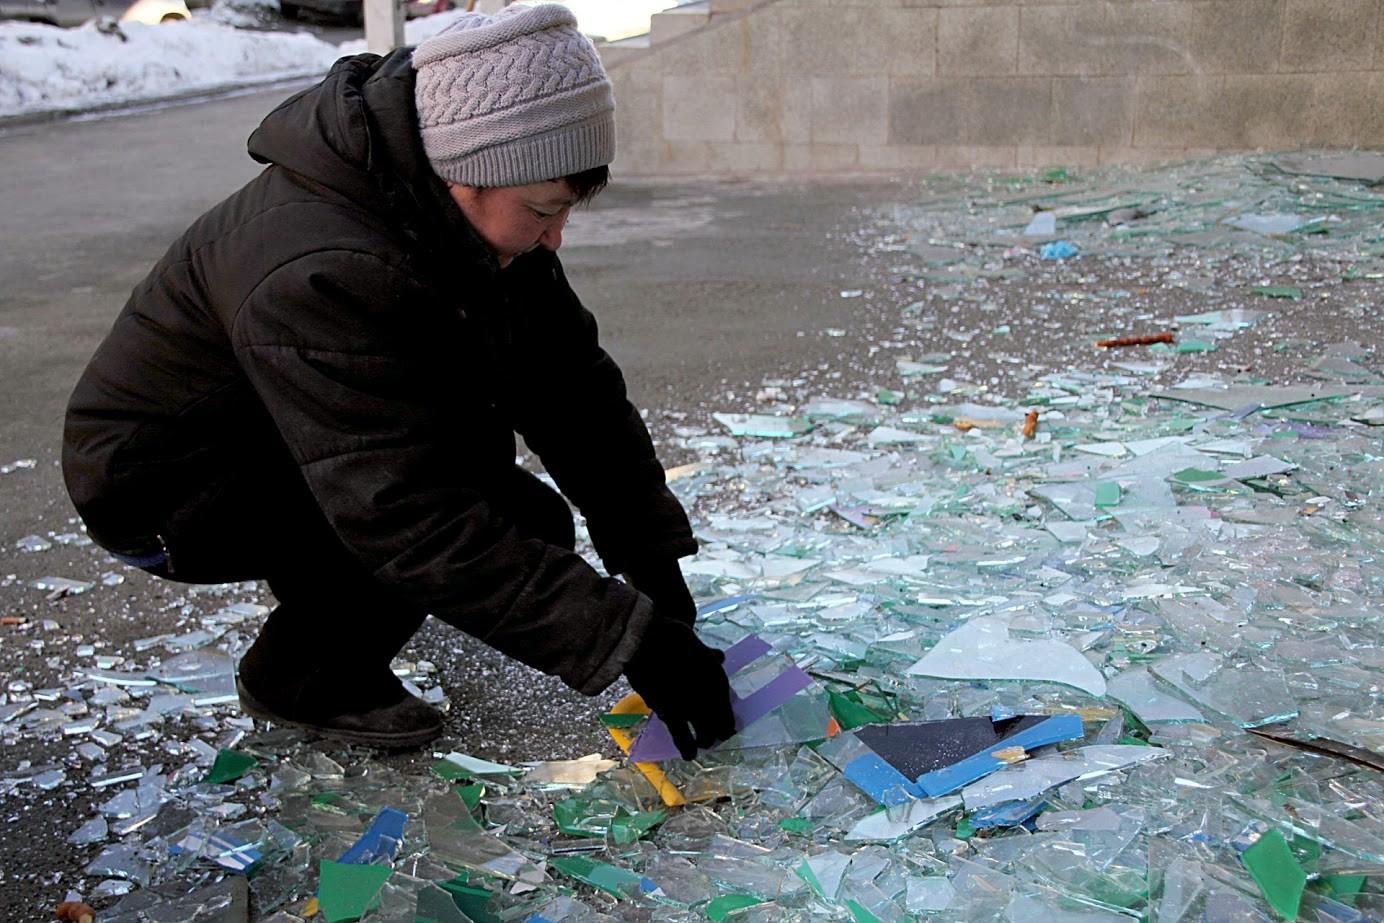 Posledice meteorskega dežja v Čeljabinsku